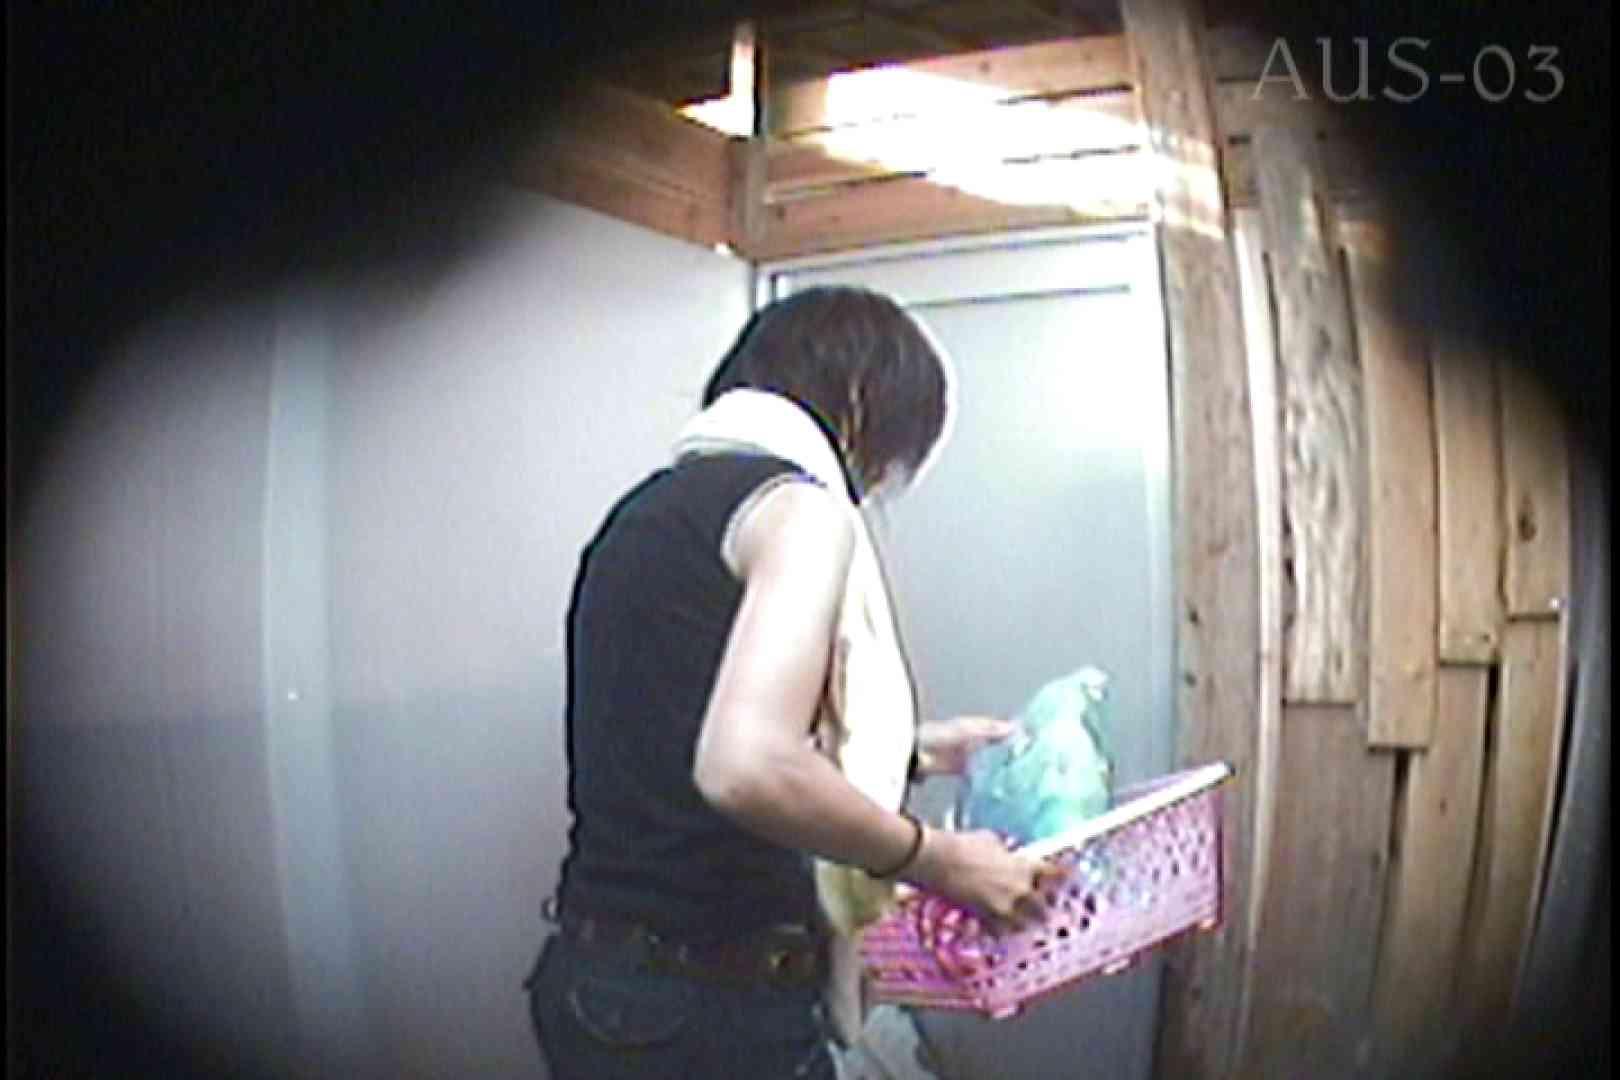 海の家の更衣室 Vol.10 盛合せ すけべAV動画紹介 76画像 21